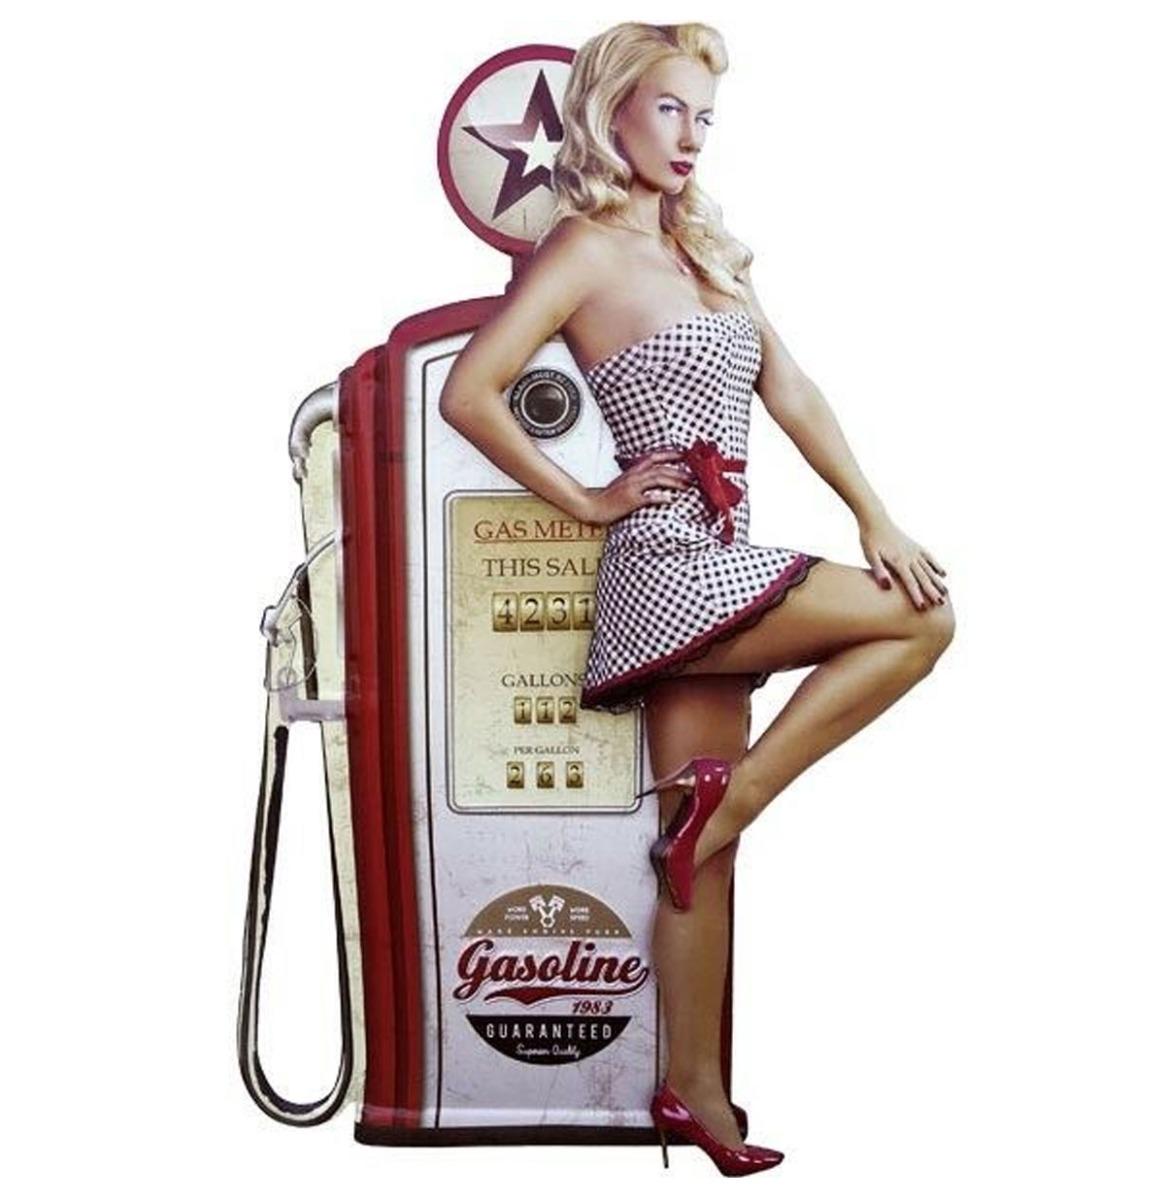 Pin-up Gas Pump Garage Gasoline Metalen Bord Met Relief XXL 55 x 83 cm